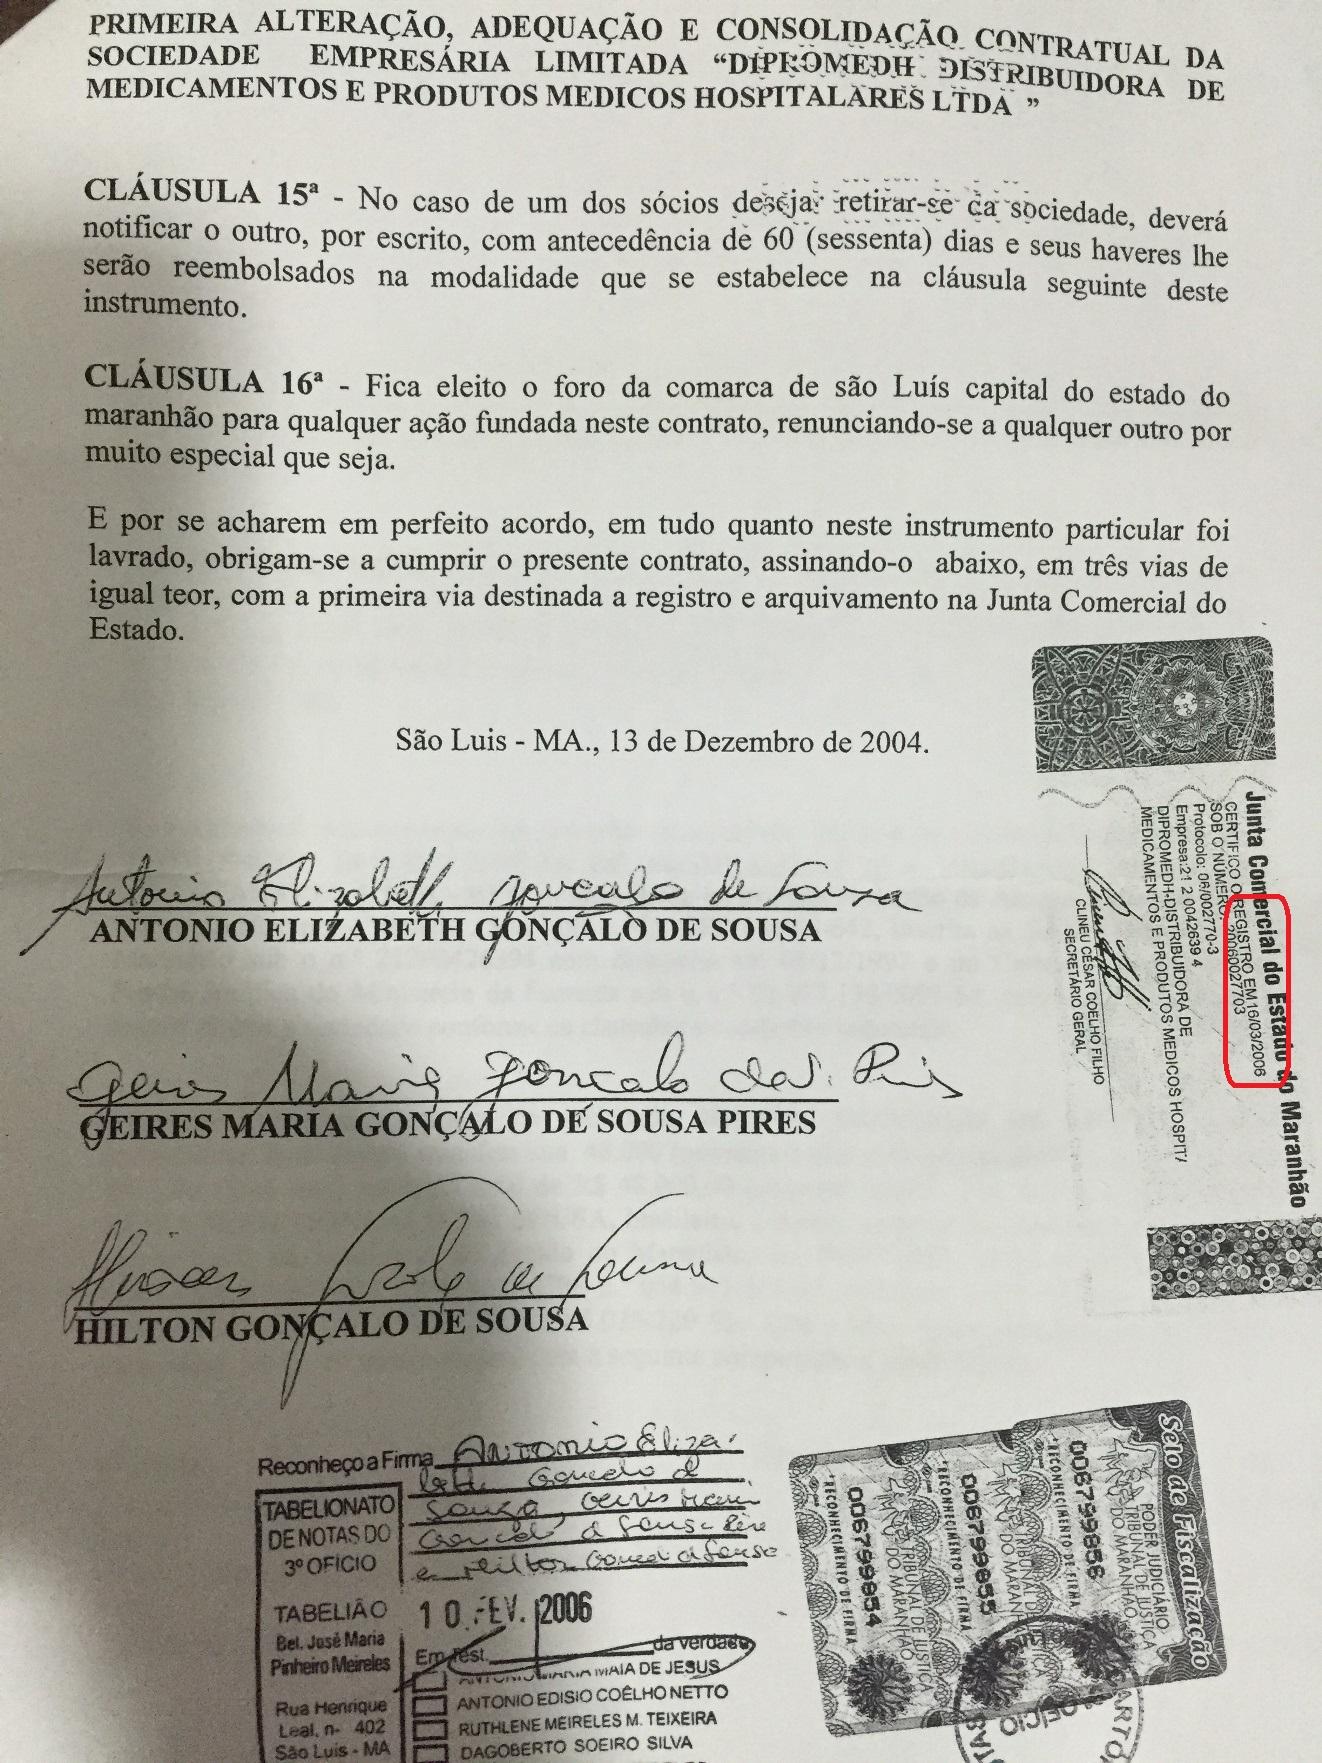 Gonçalo entrou na prefeitura em 2005. No documento ele diz que deixou a empresa em 2004, mas registrou a saída da sociedade apenas em 2006. A empresa operou por mais de 1 ano ainda.